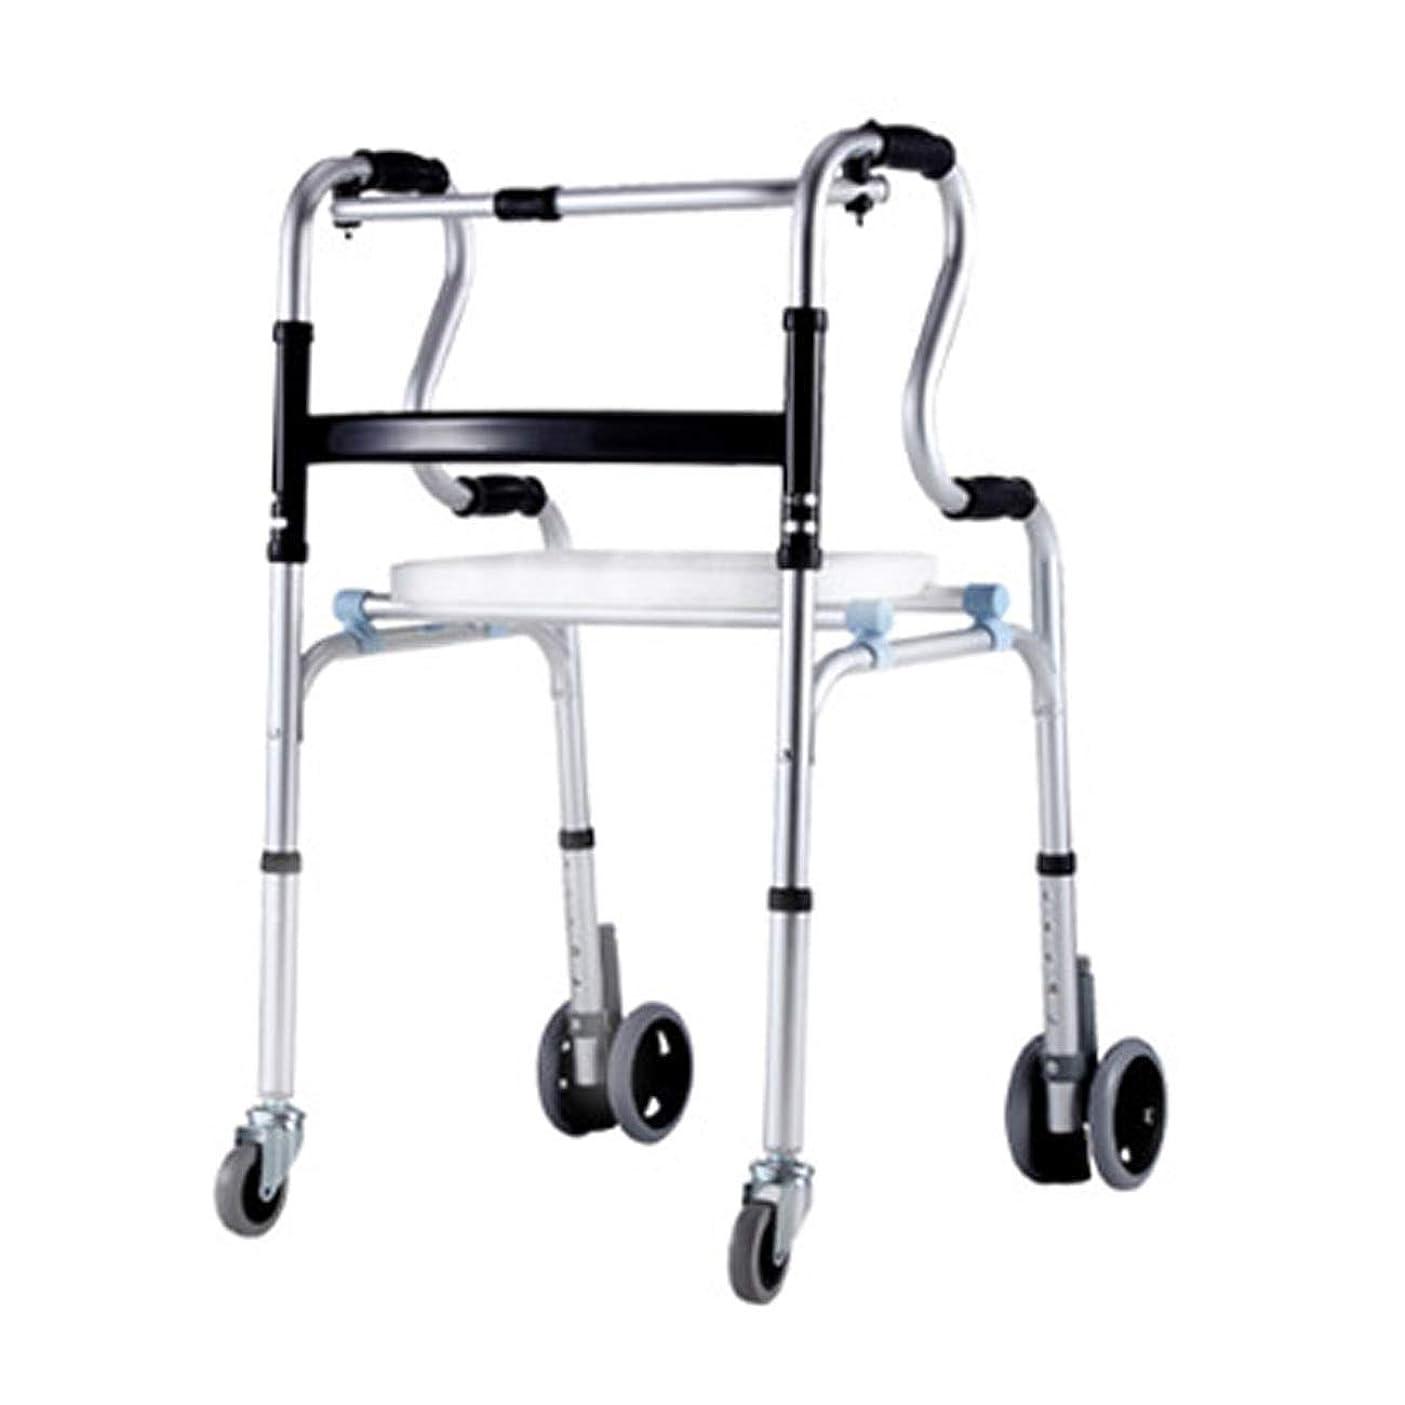 第死ぬ手のひら高齢者ウォーカー、360度自由回転キャスター歩行ウォーカー、6輪折り畳み補助歩行器搭載